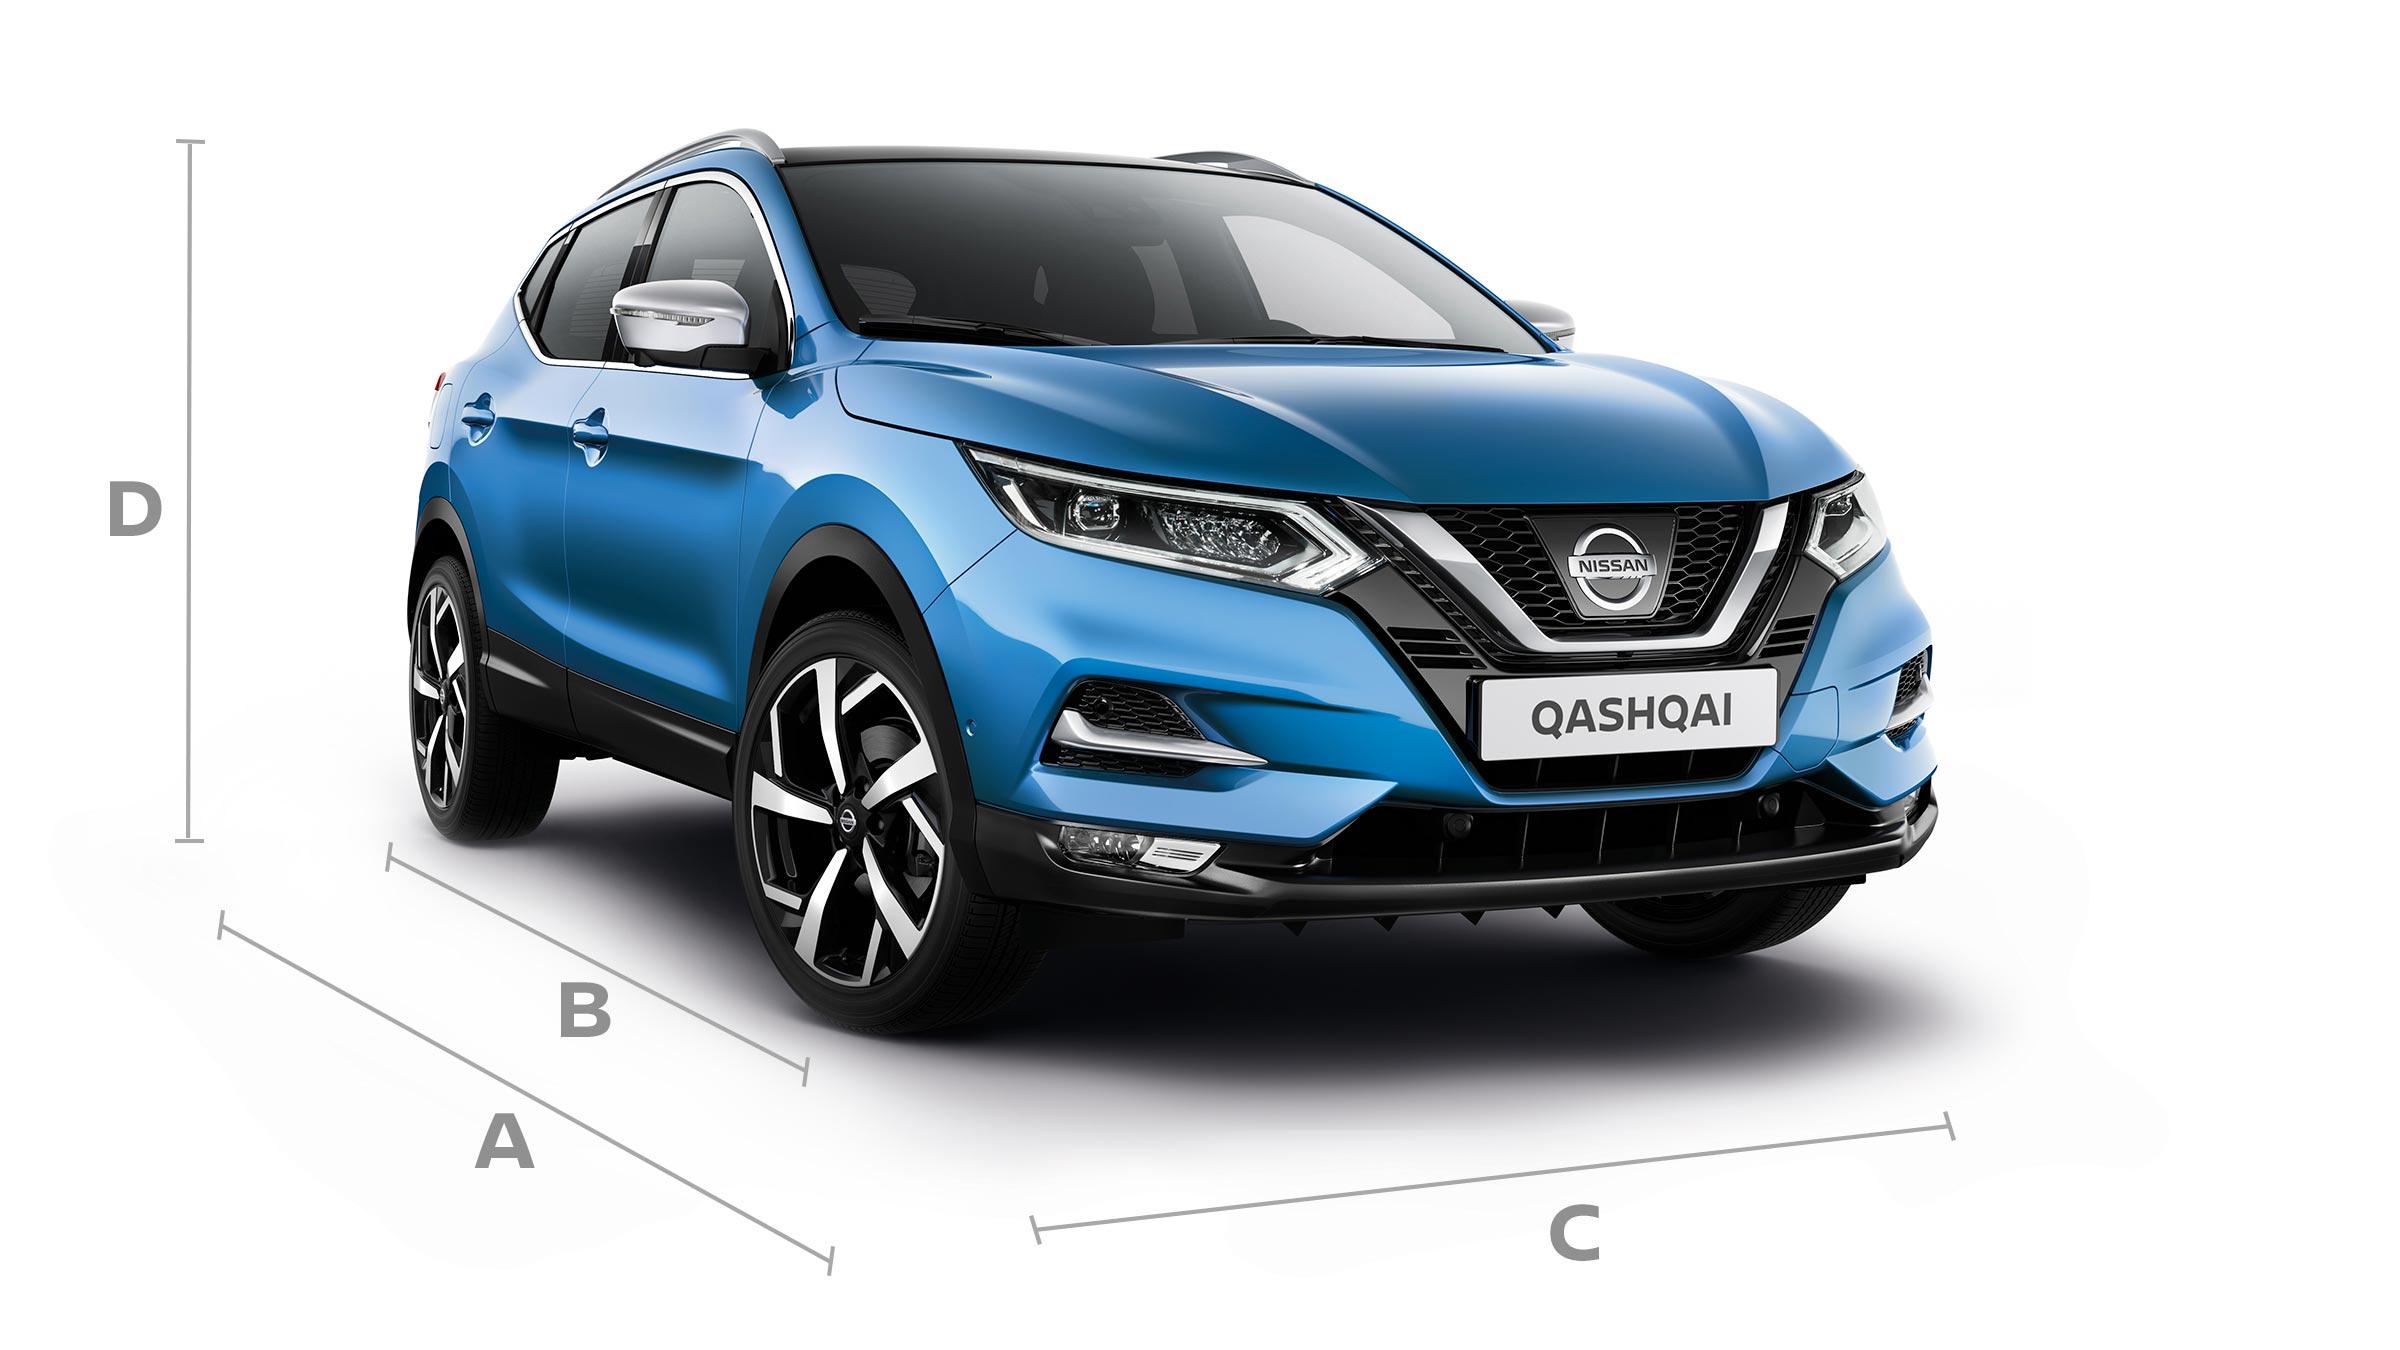 Nissan Qashqai Autozentren P&A-Preckel